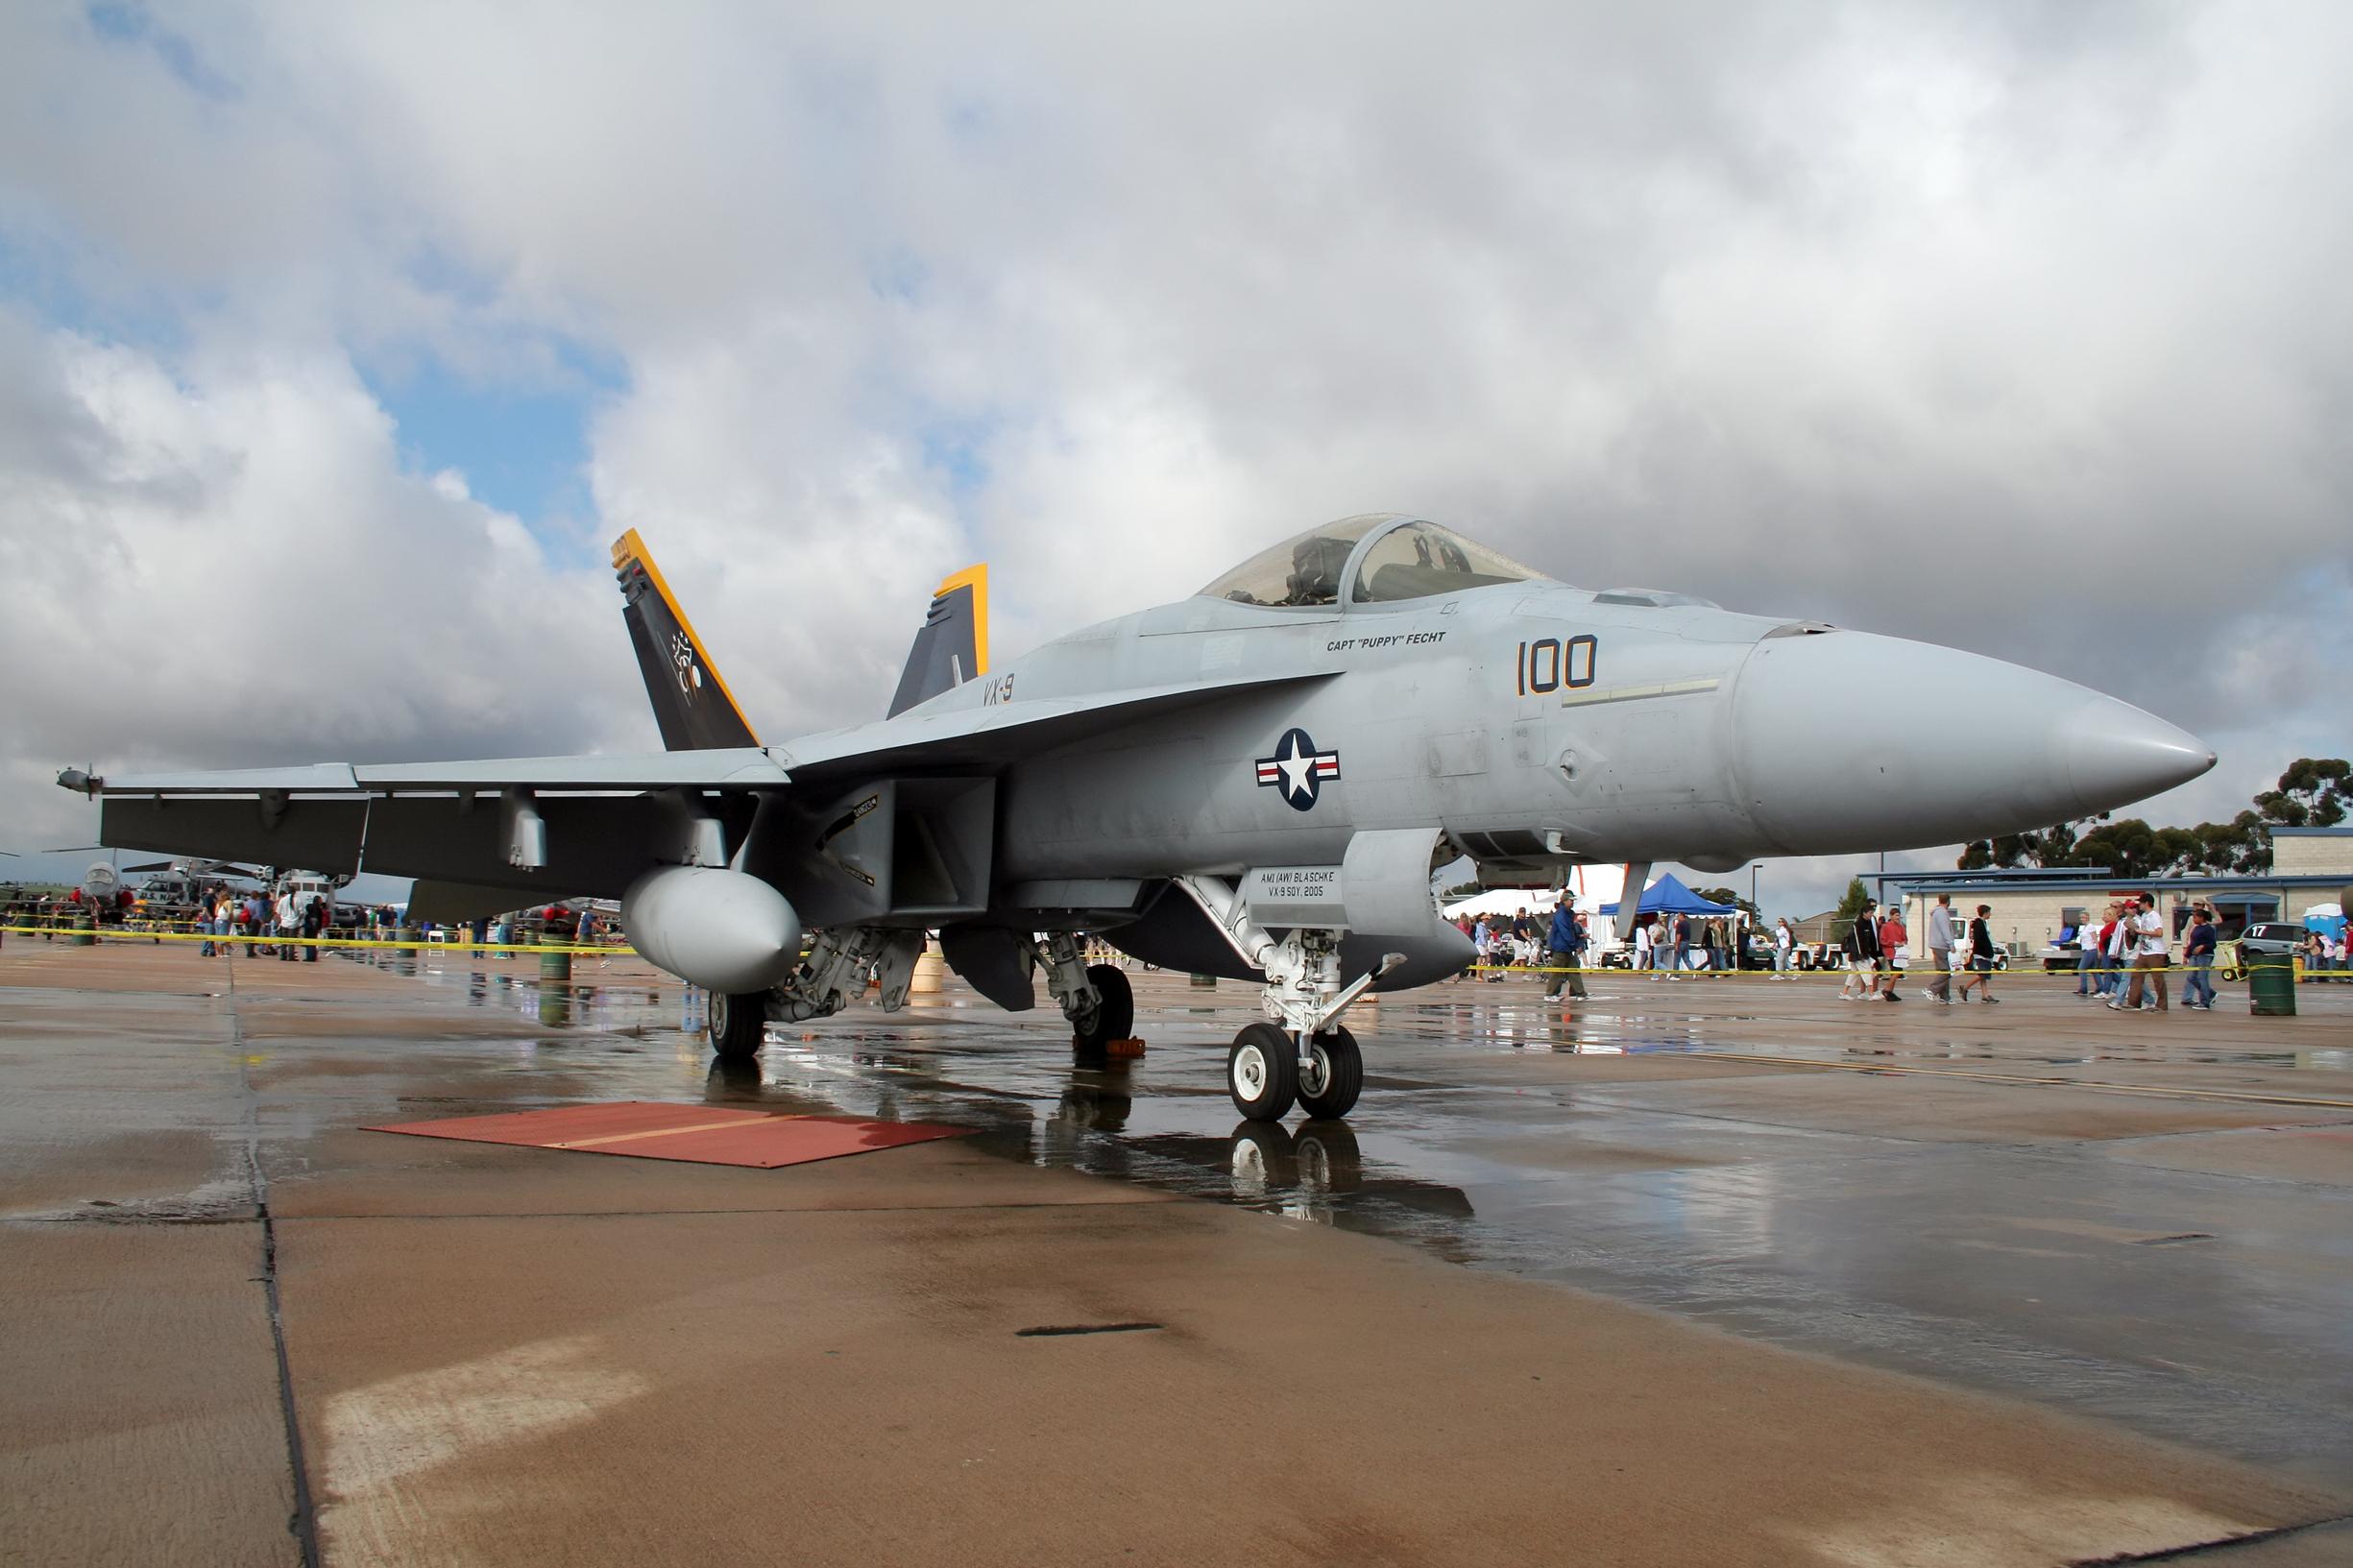 F-18 Super Hornet @MCAS Miramar